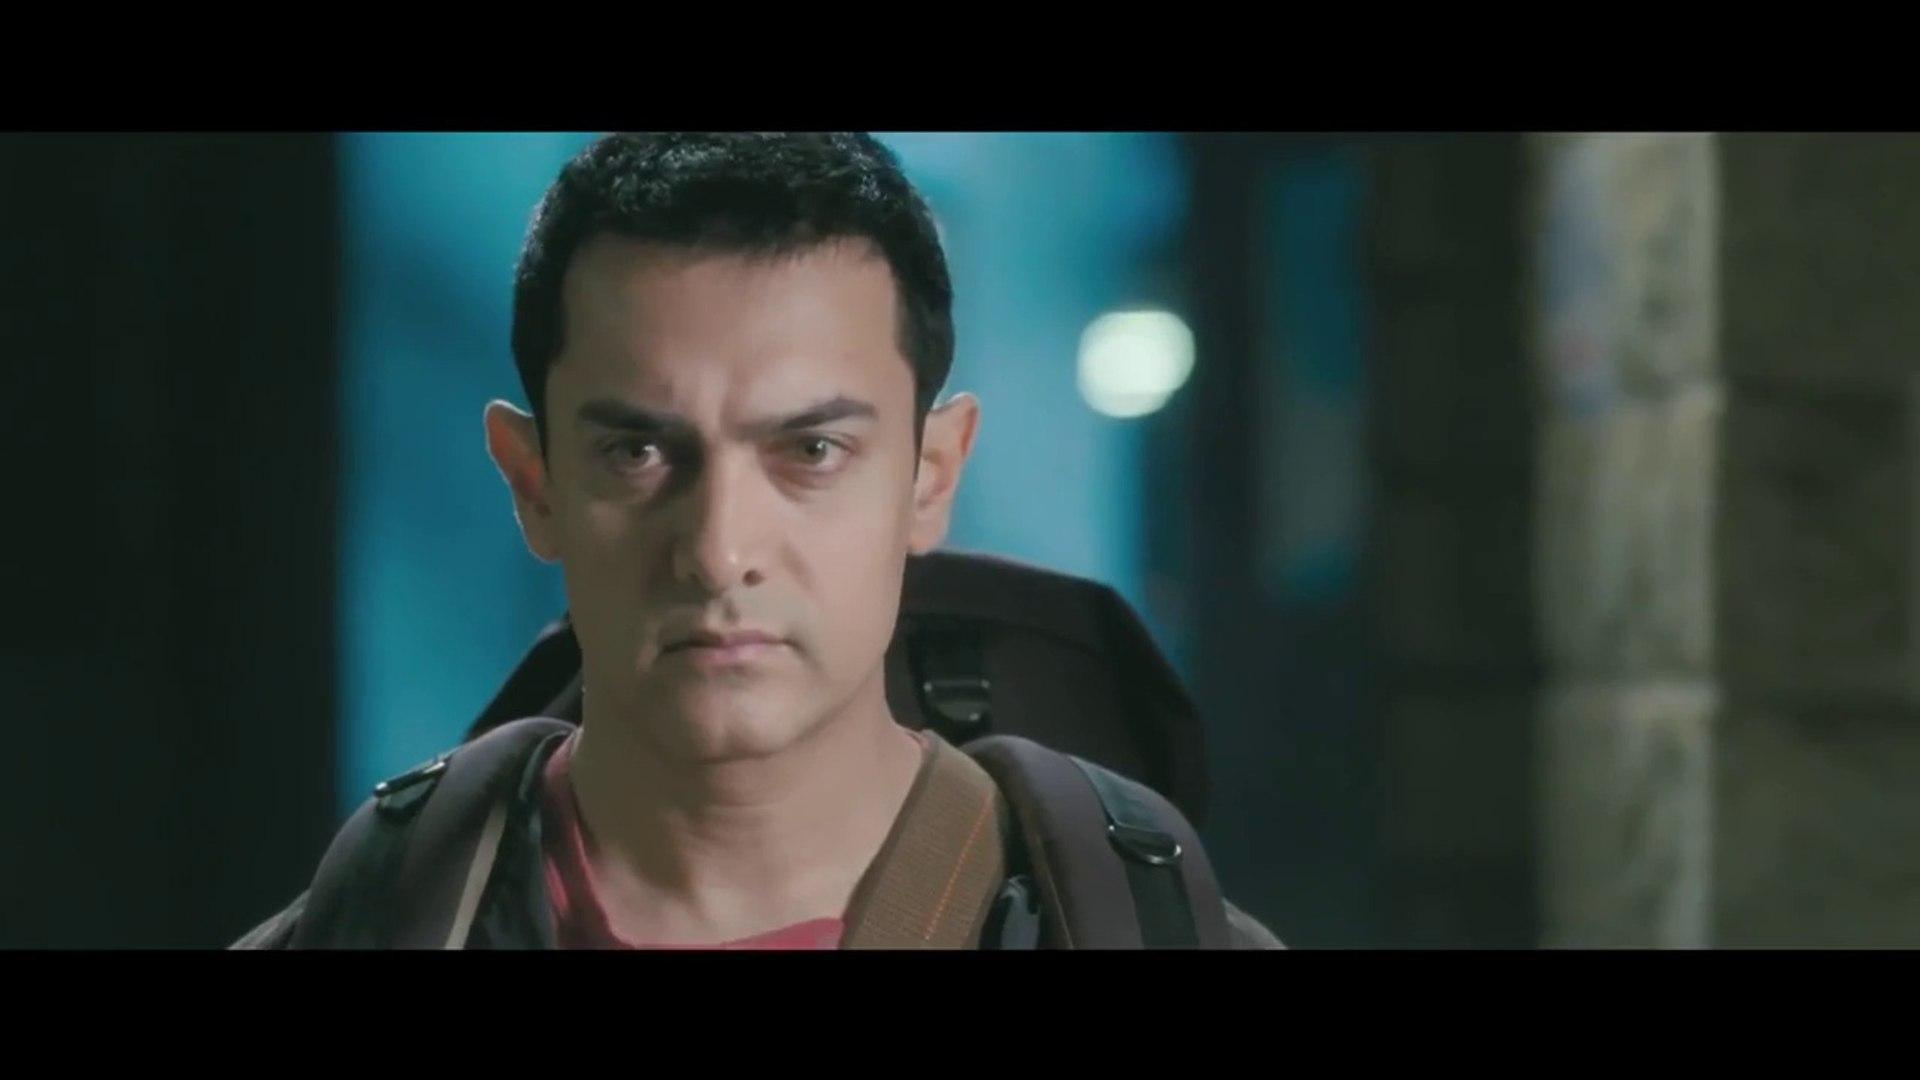 3 Idiots - Türkçe Altyazılı Yeni Fragman İzle - 3 Aptal - Aamir Khan Filmleri